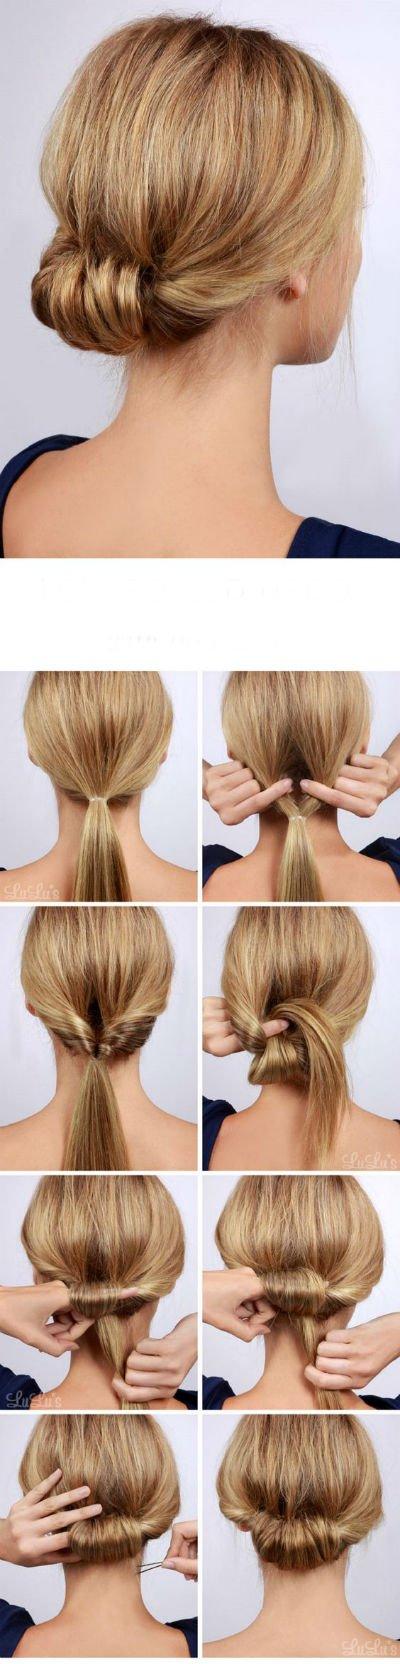 15 быстрых причесок на длинные волосы - Пучок изволос